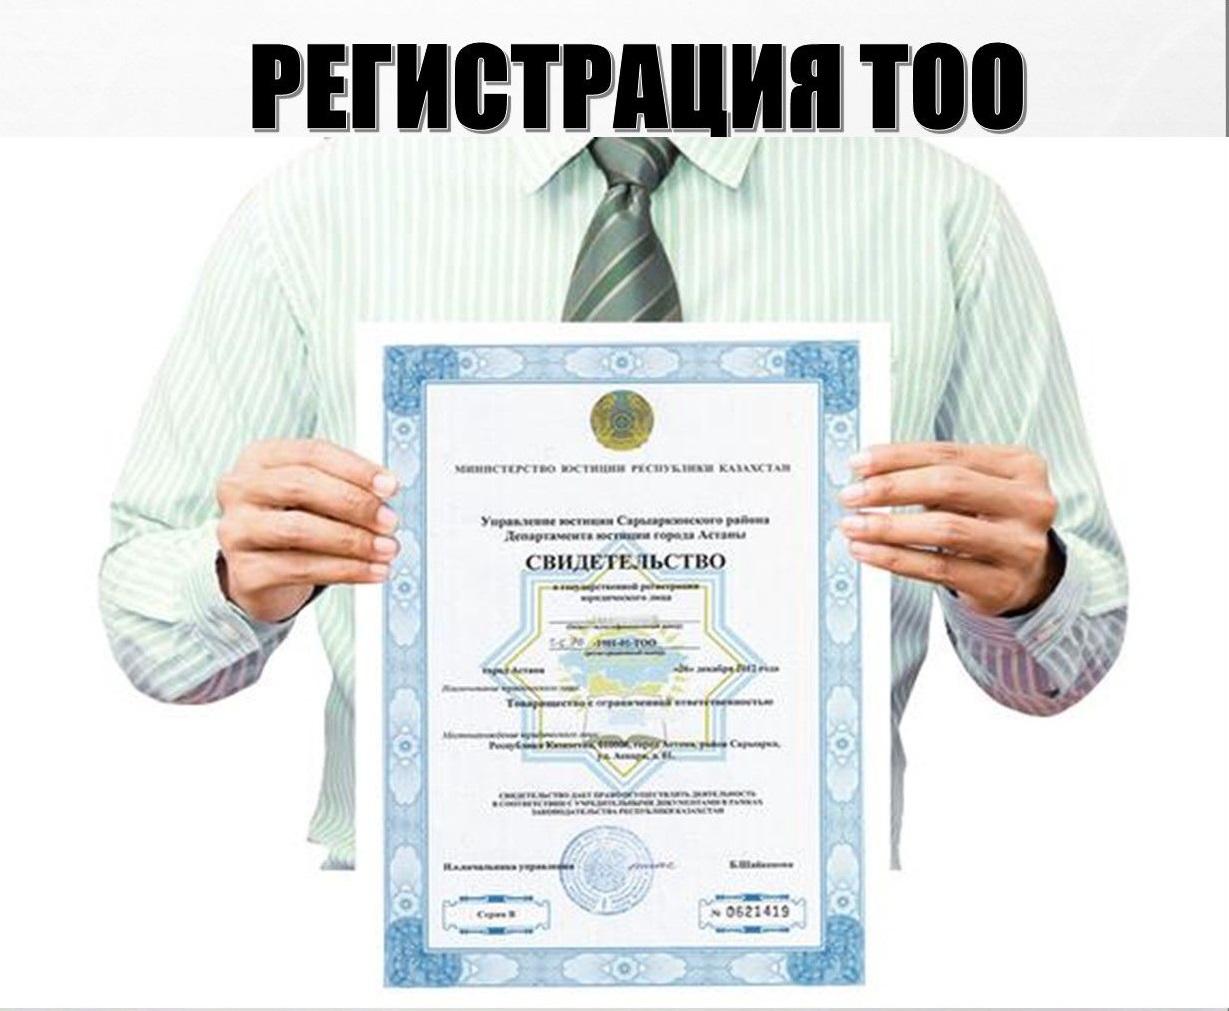 Регистрация тоо или ип официальный сайт декларация 3 ндфл 2019 скачать бесплатно